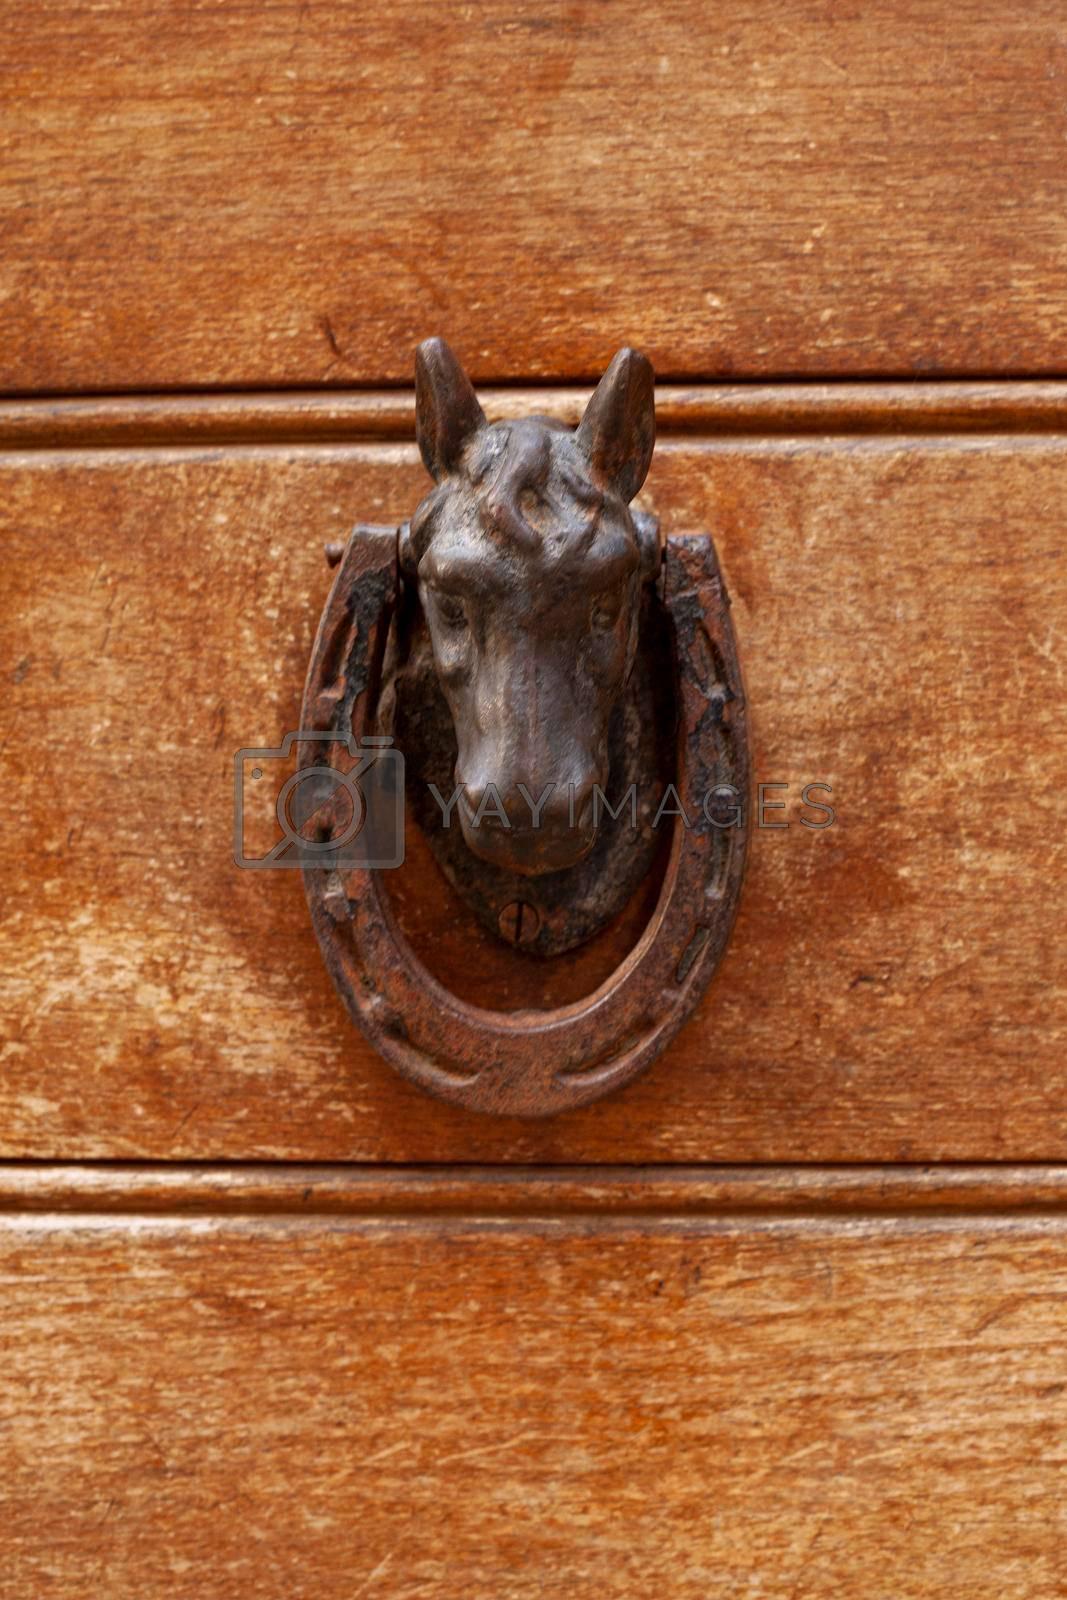 Ancient italian horse shaped door knocker on wooden brown door background.